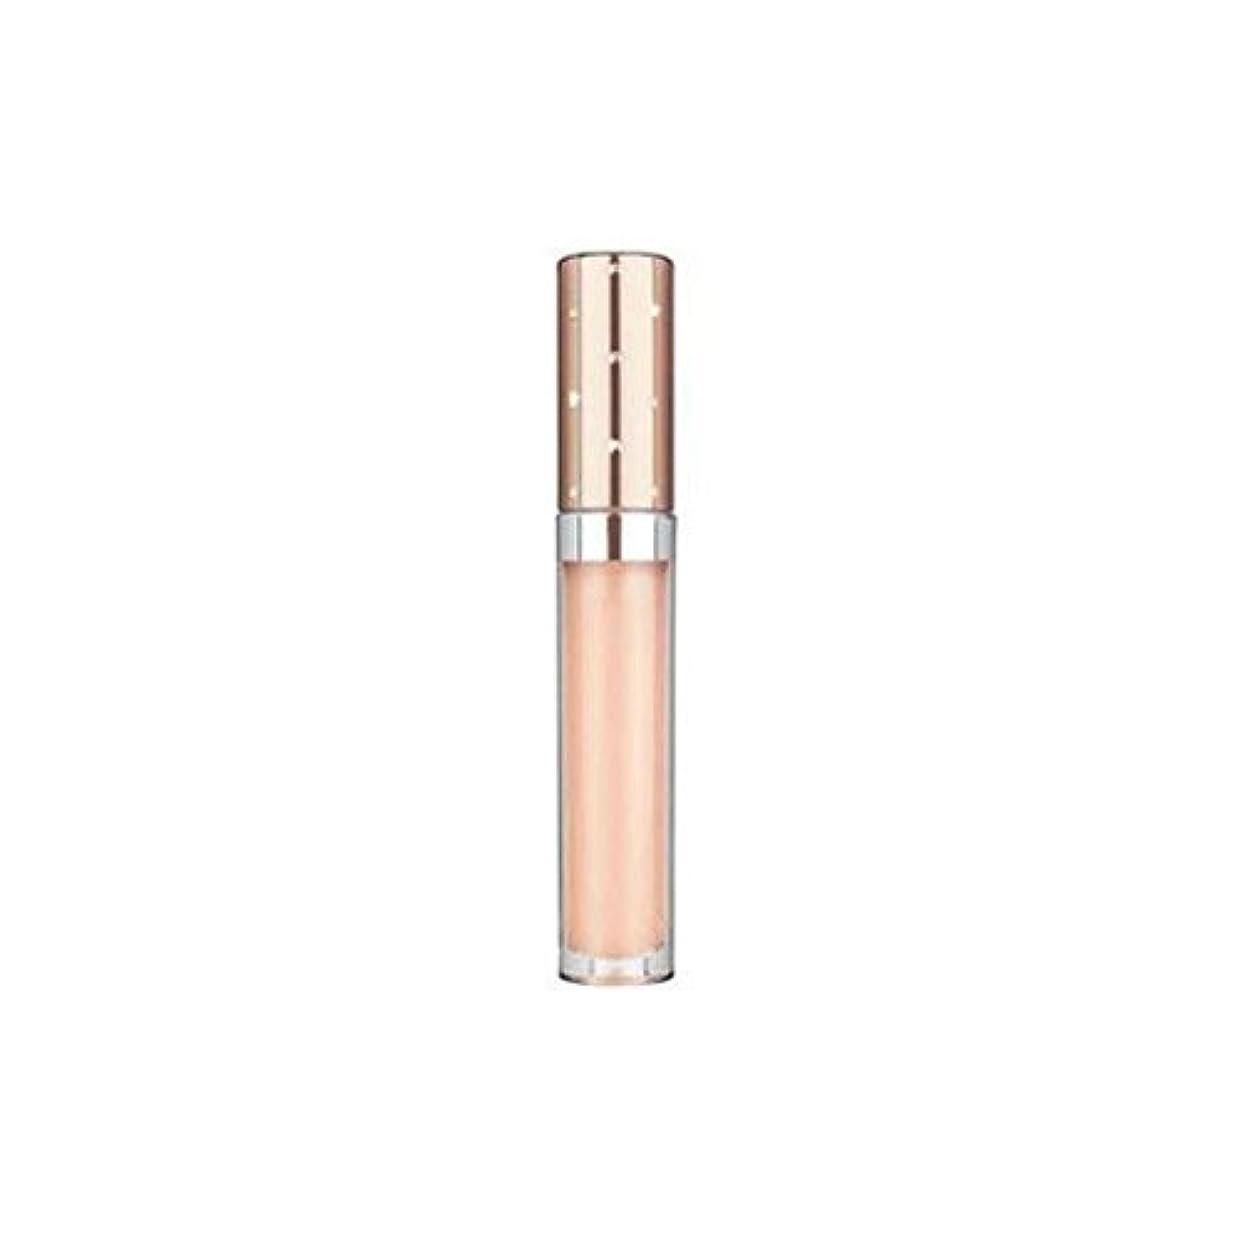 和らげるレッドデート前兆インスタントリップパーフェクション15(5ミリリットル) x2 - Nubo Instant Lip Perfection Spf15 (5ml) (Pack of 2) [並行輸入品]